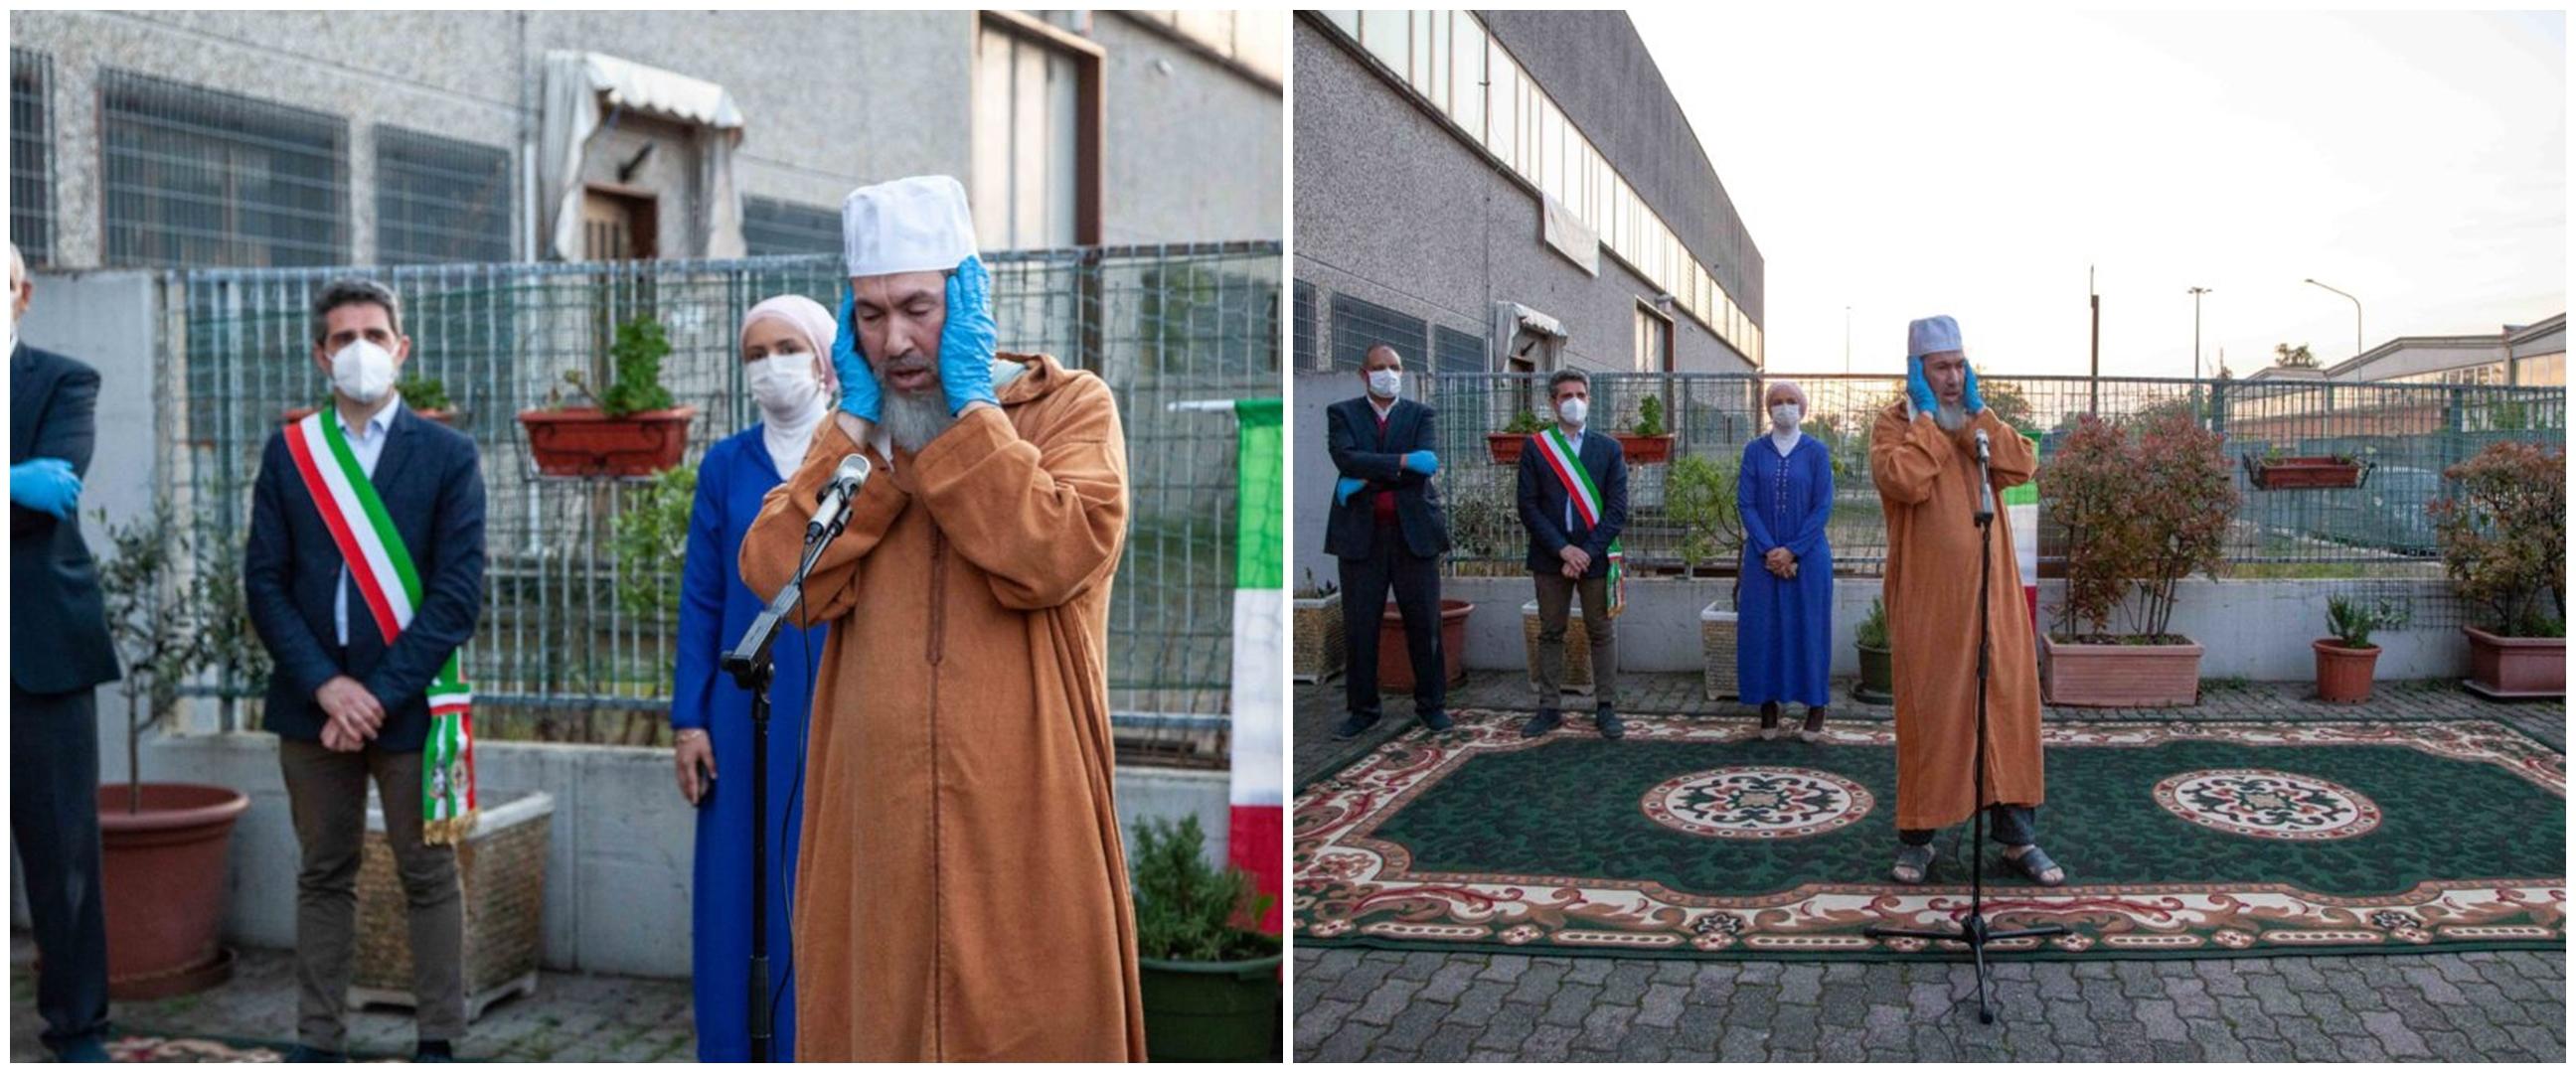 Sambut Ramadhan, lantunan azan pertama menggema di Parma Italia